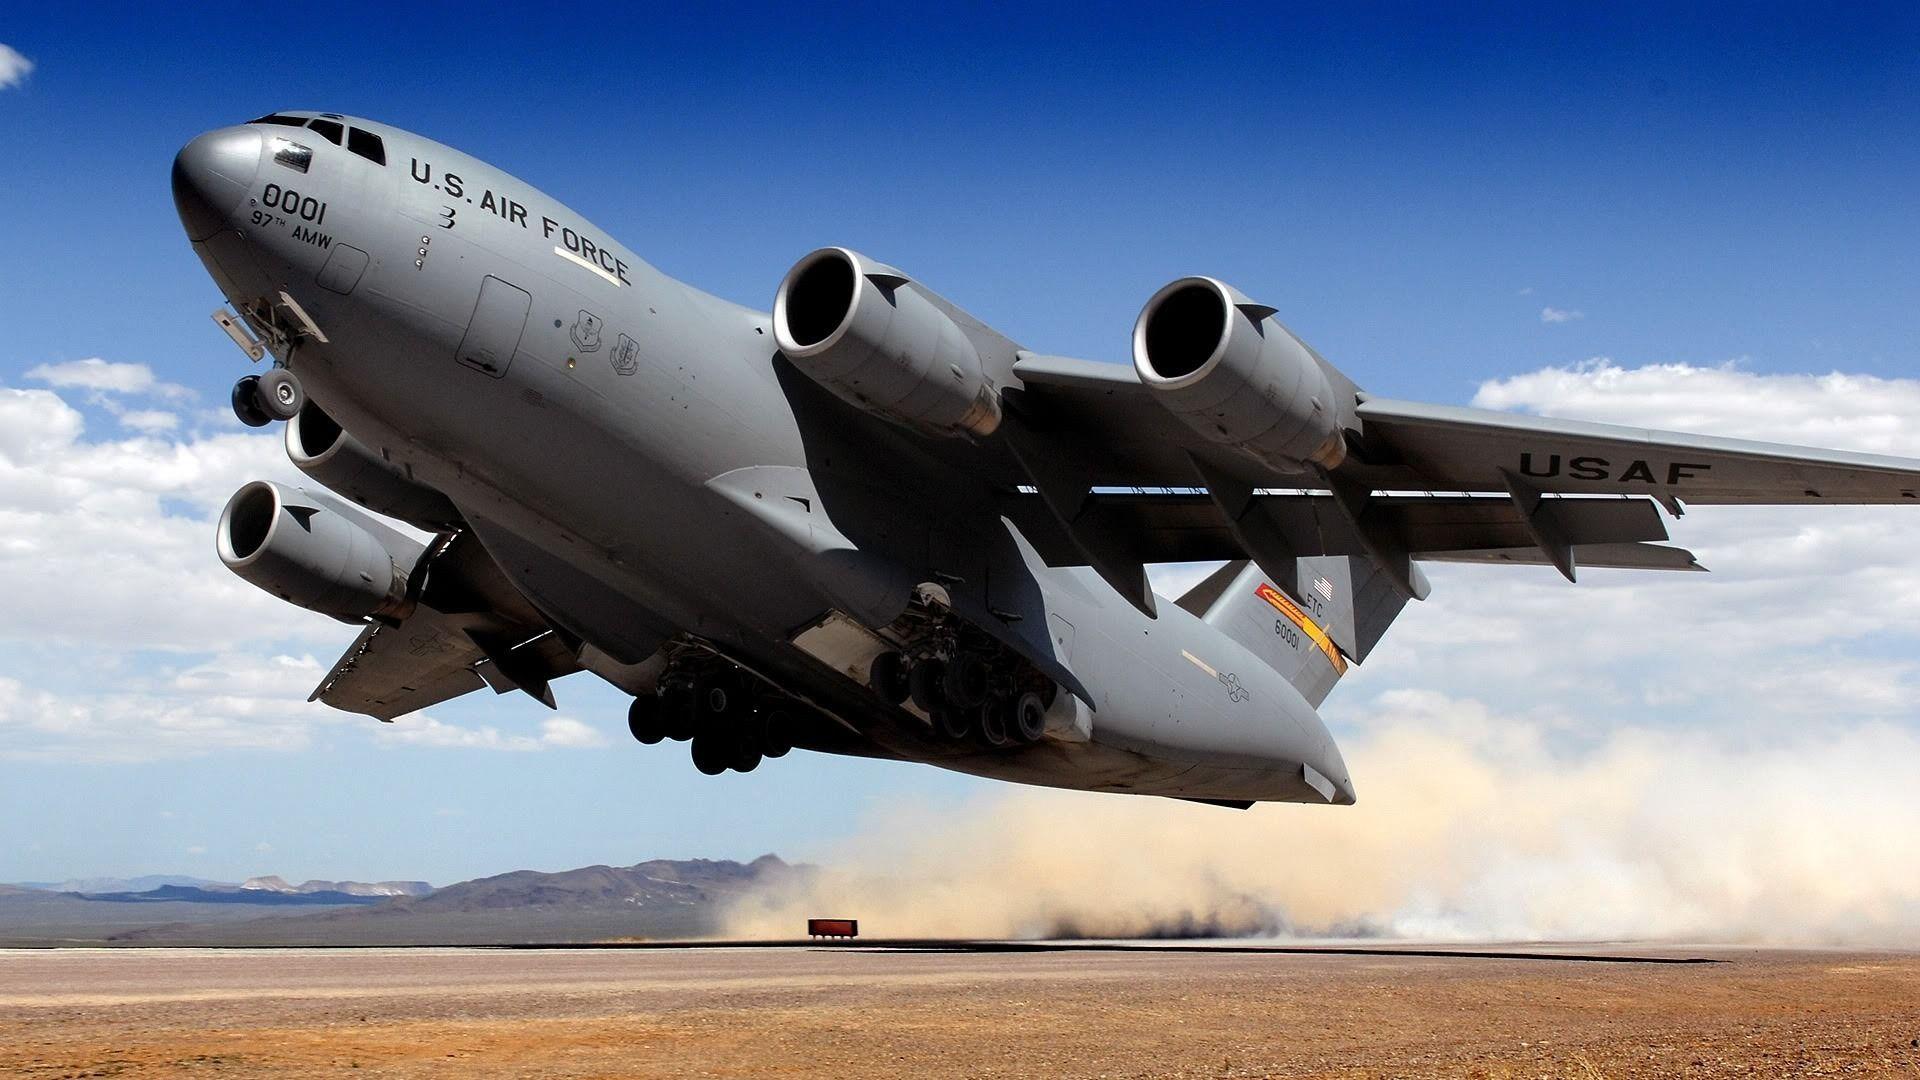 Обои самолеты, c-17 globemaster. Авиация foto 7